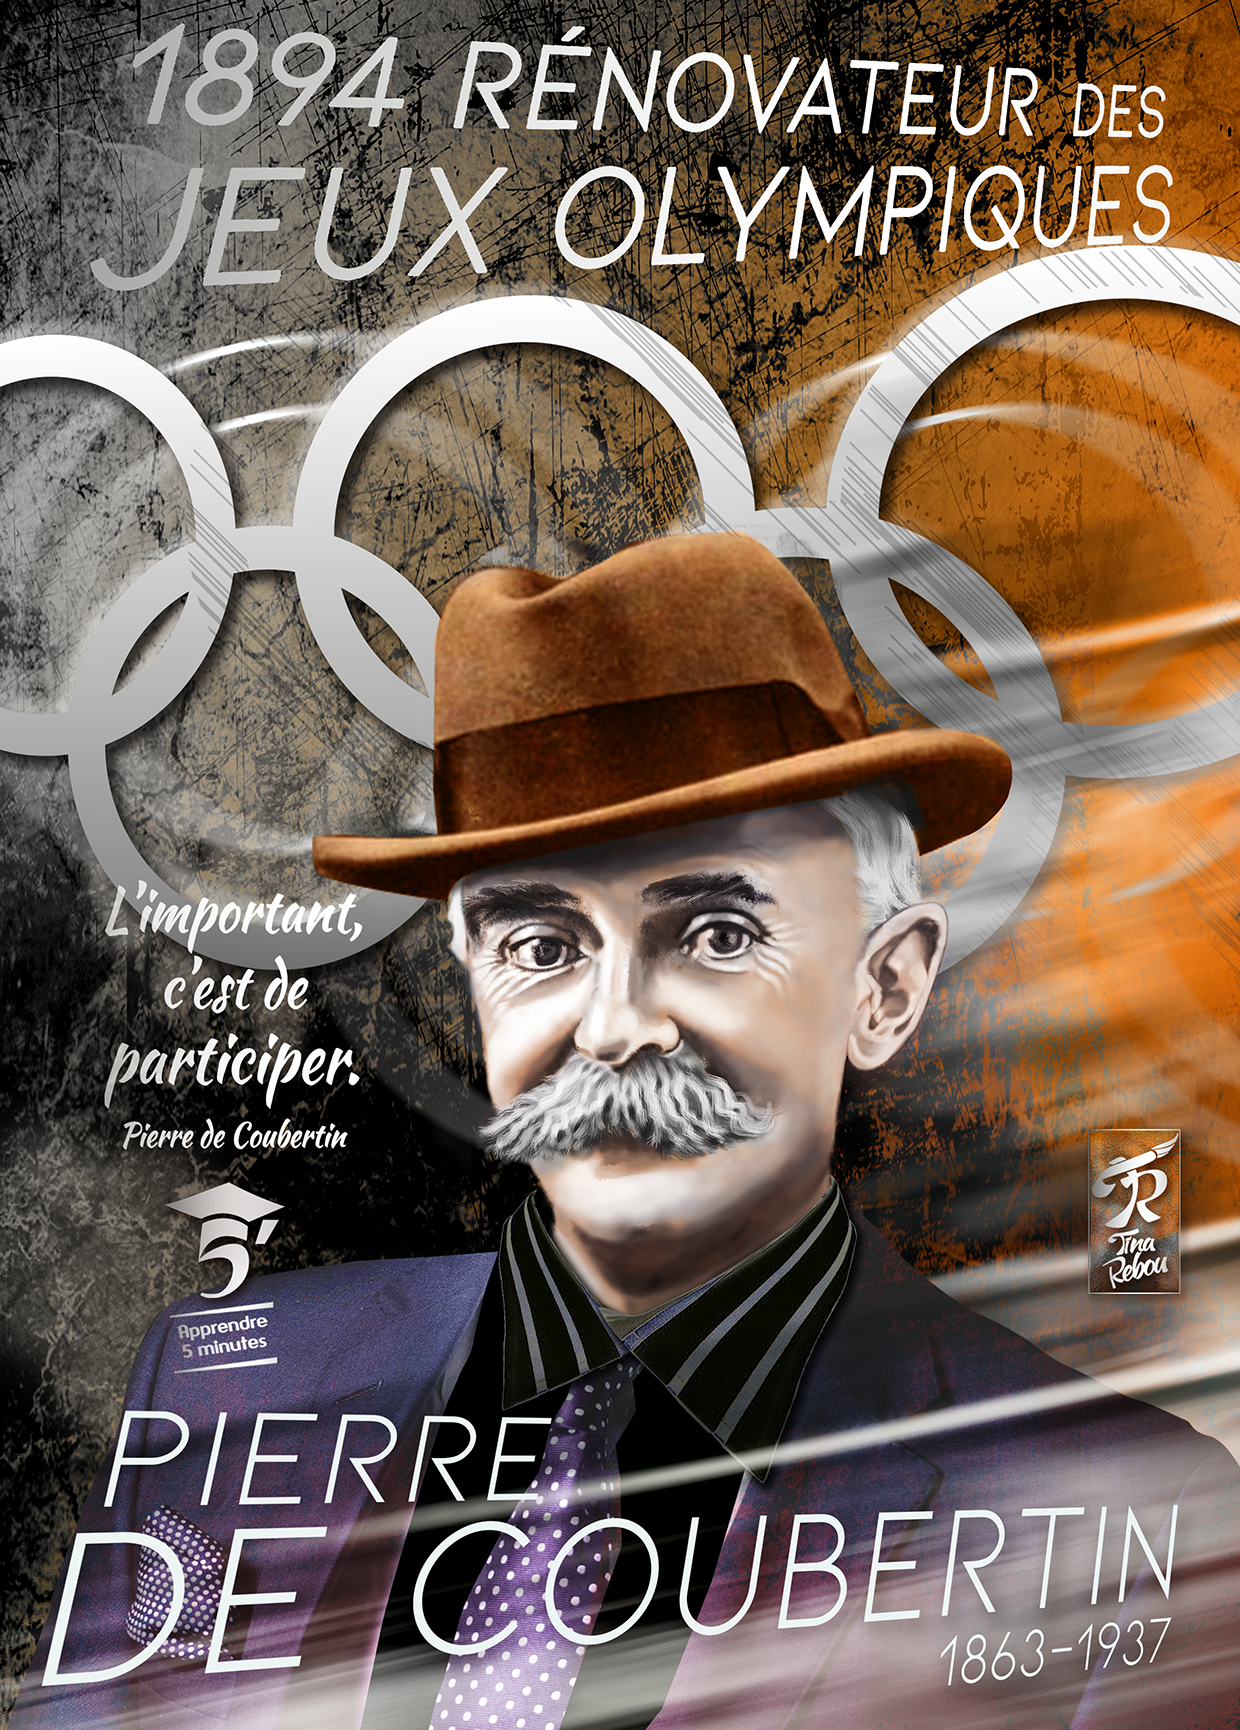 Pierre de Coubertin (1863-1937), Rénovateur des Jeux Olympiques.